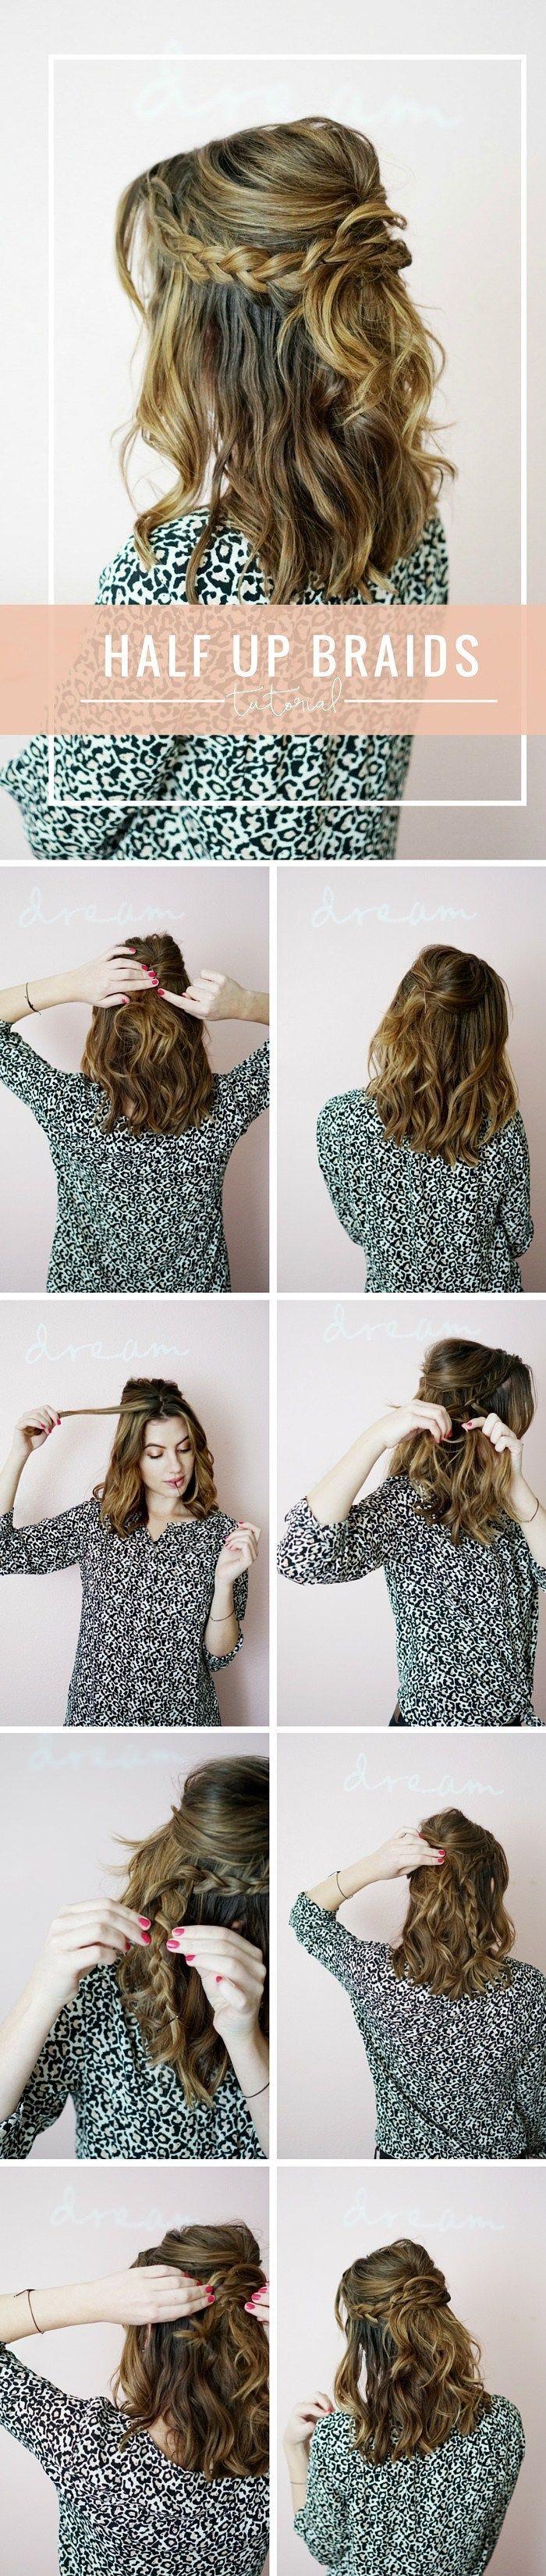 Best 25+ Dutch braid tutorials ideas on Pinterest | Dutch ...